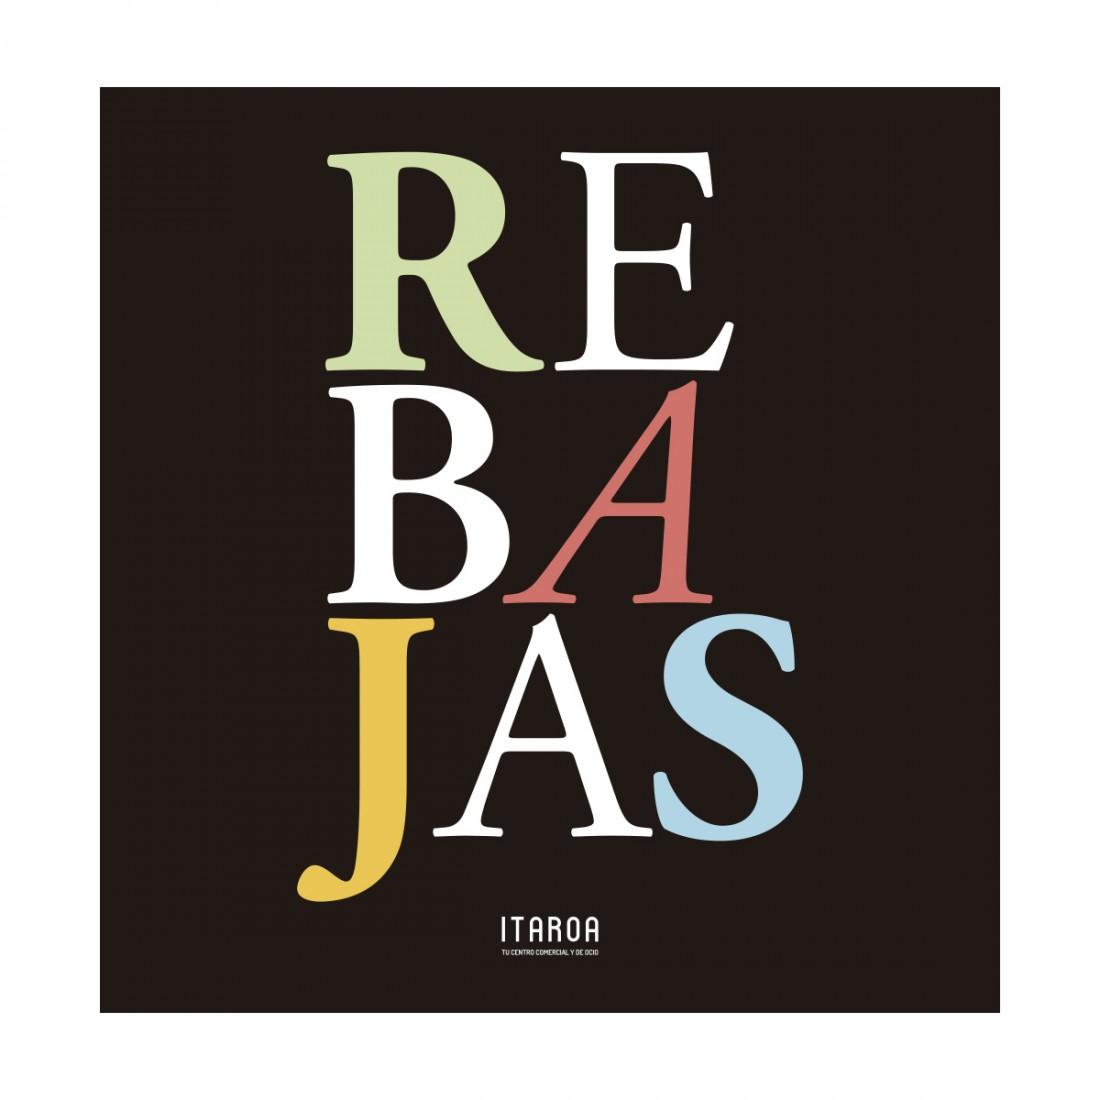 1200x1200_rebajas_verano_itaroa